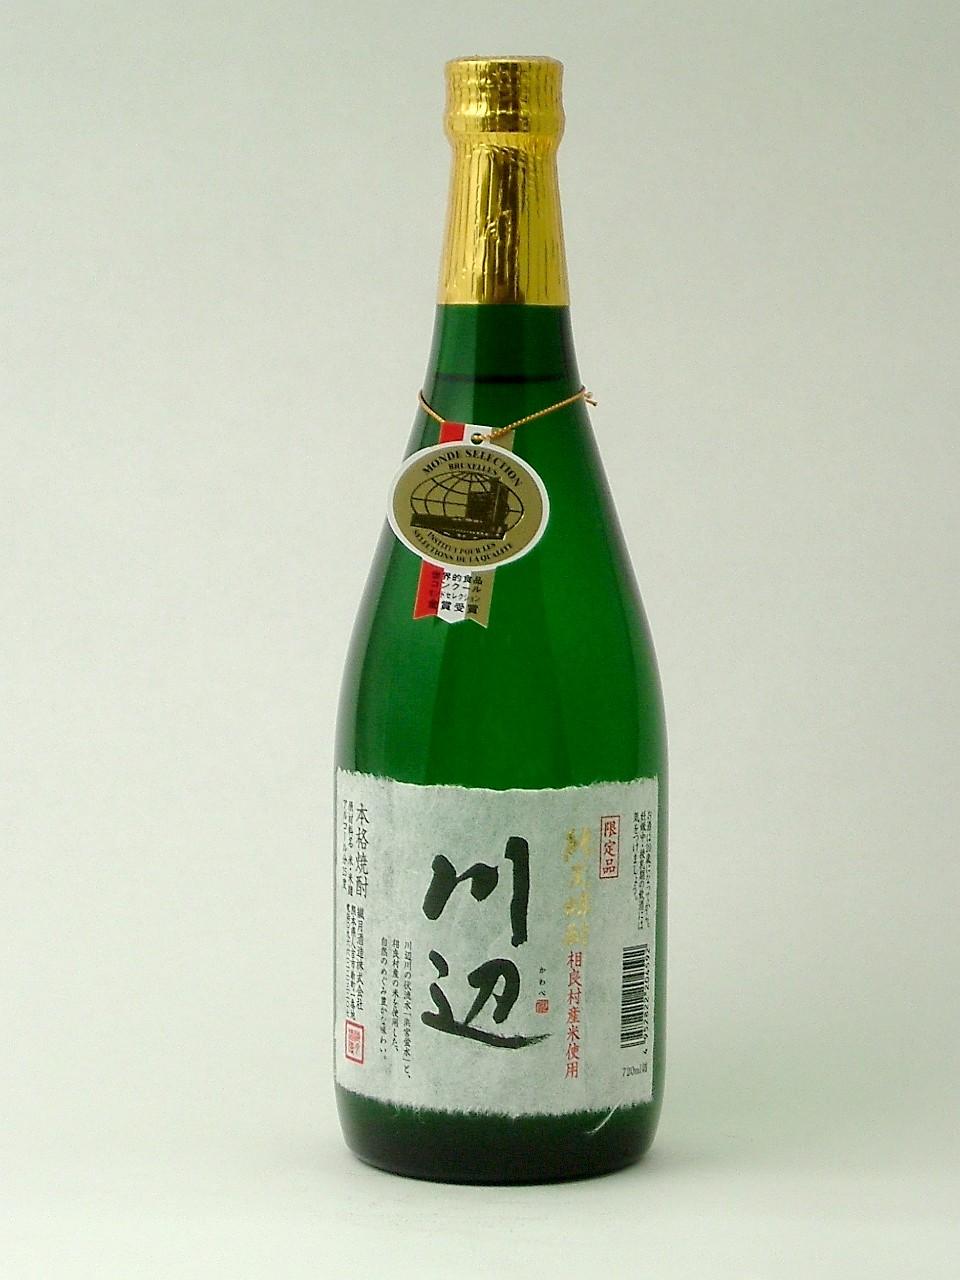 球磨焼酎 川辺〜かわべ〜 720ml